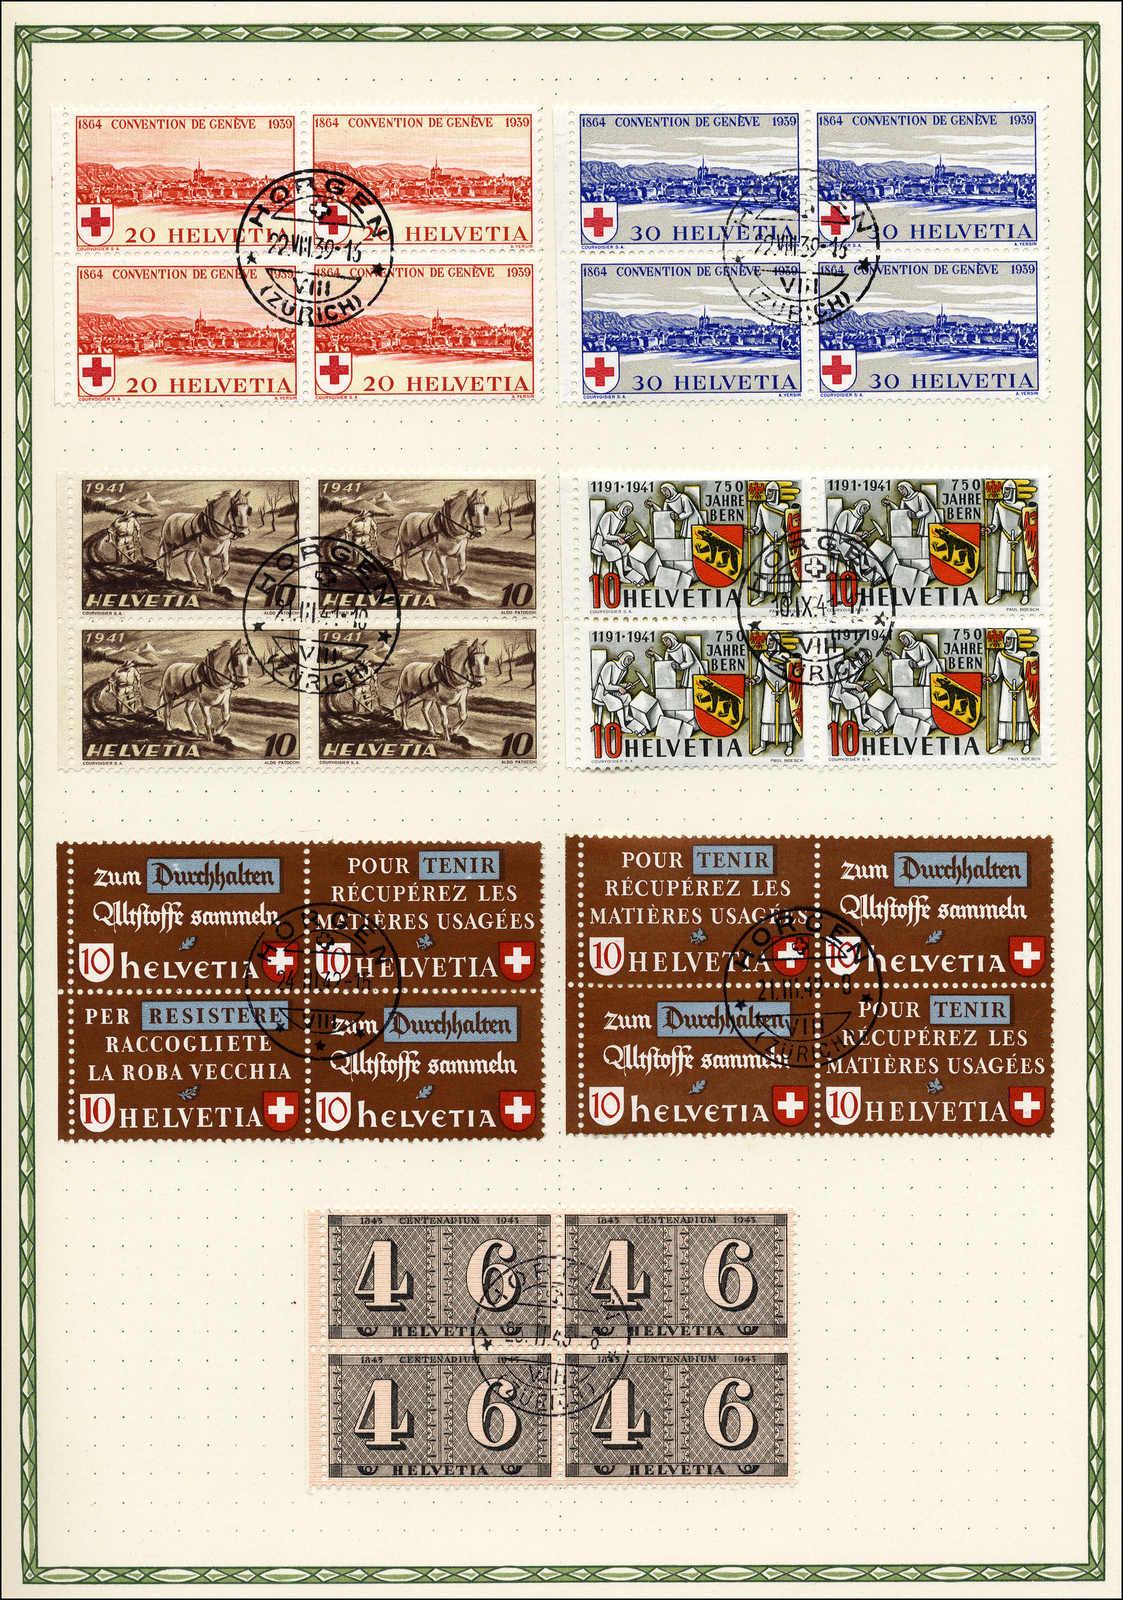 Lot 149 - schweiz Schweiz Freimarken nach 1907 -  Rolli Auctions Auction #68 Day 1